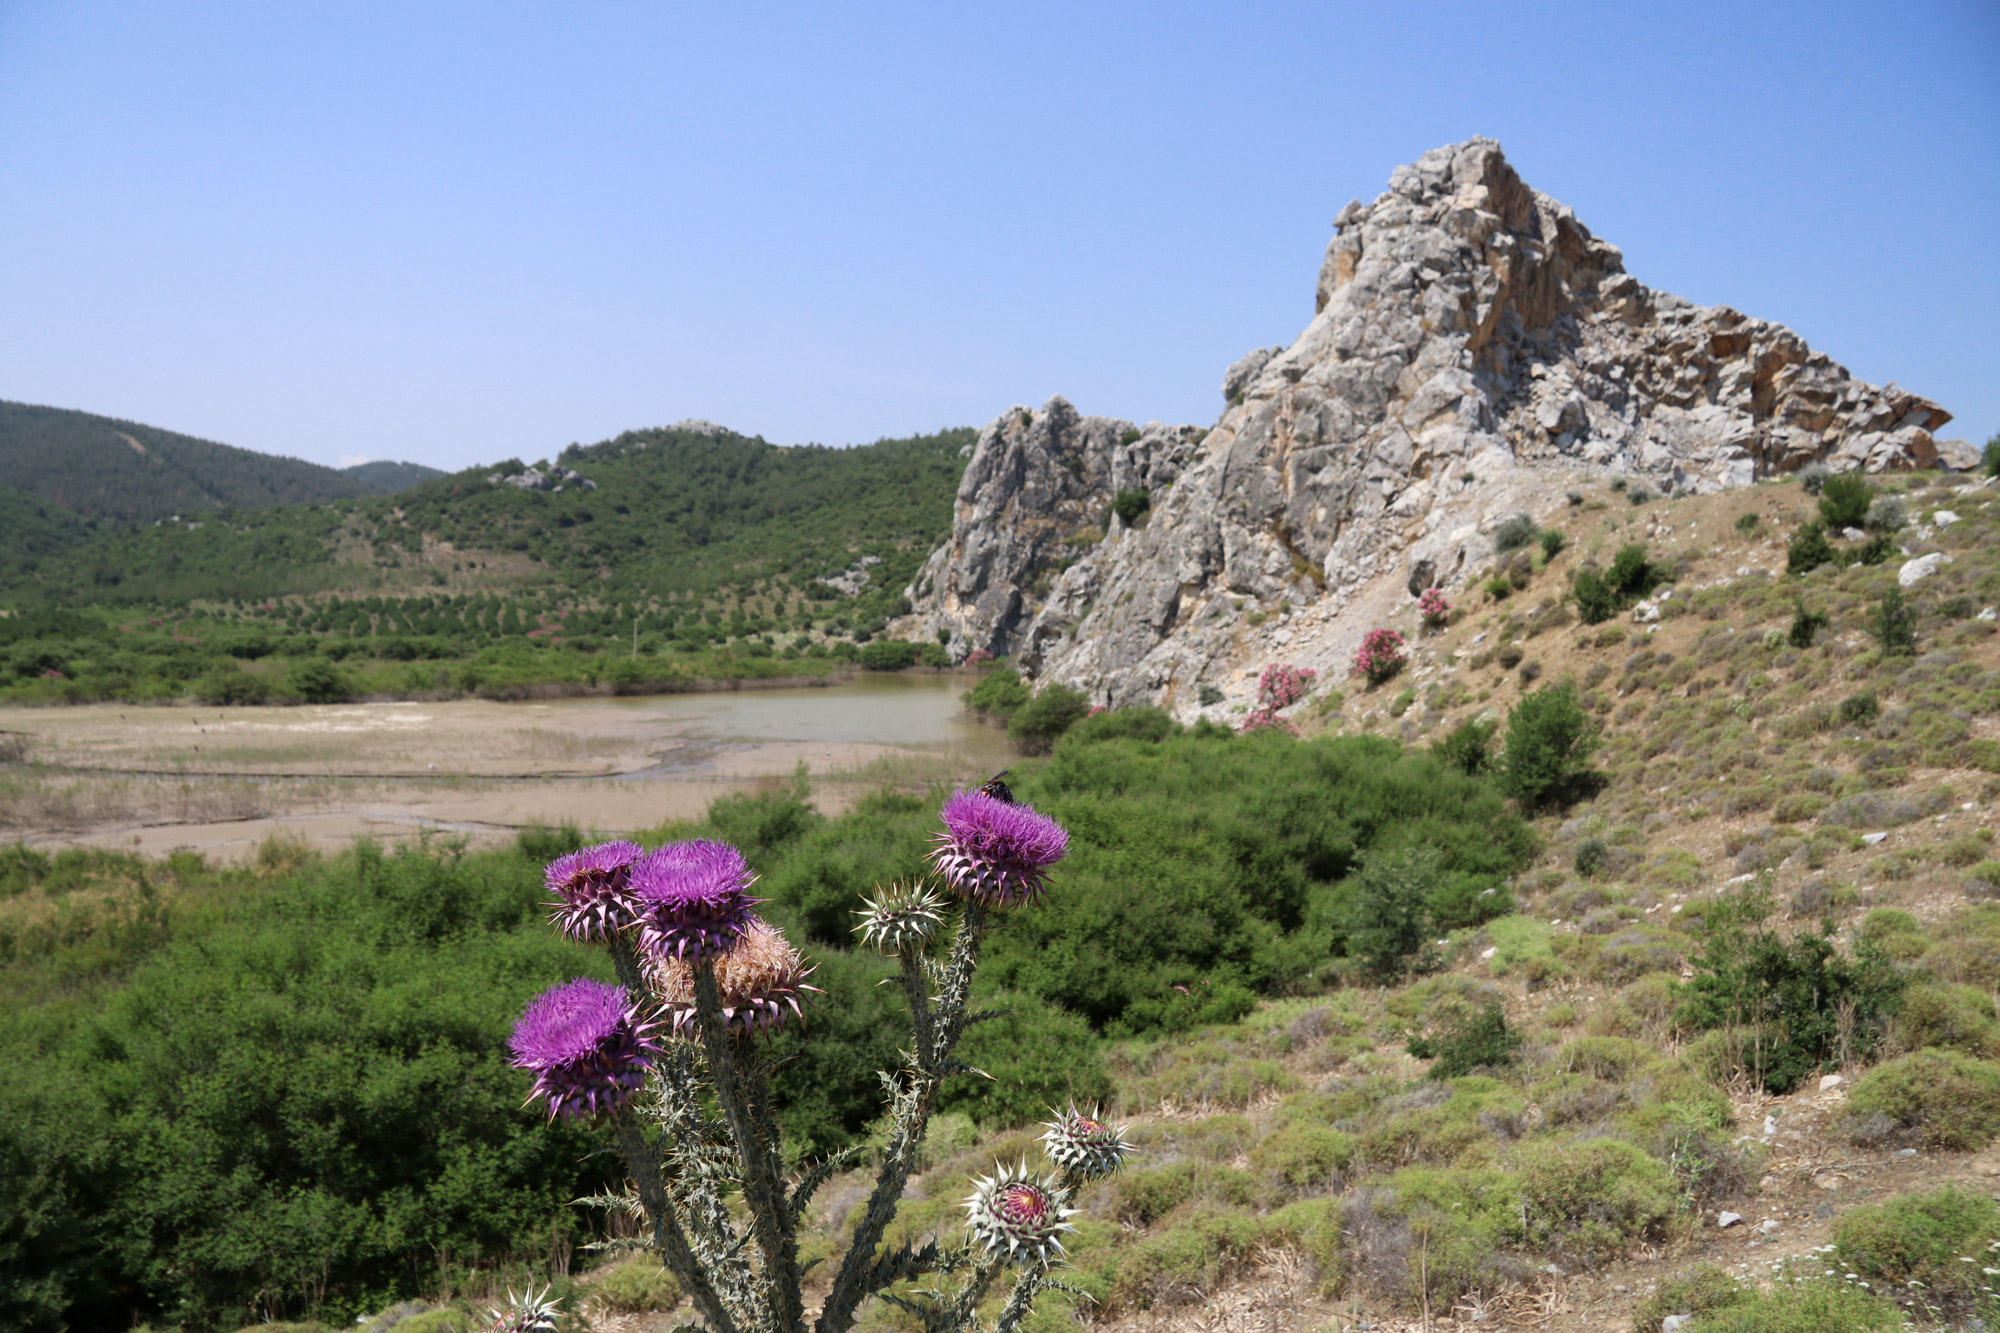 Turkije reisverslag: Bergama en Ayvalik - Fantastische landschappen